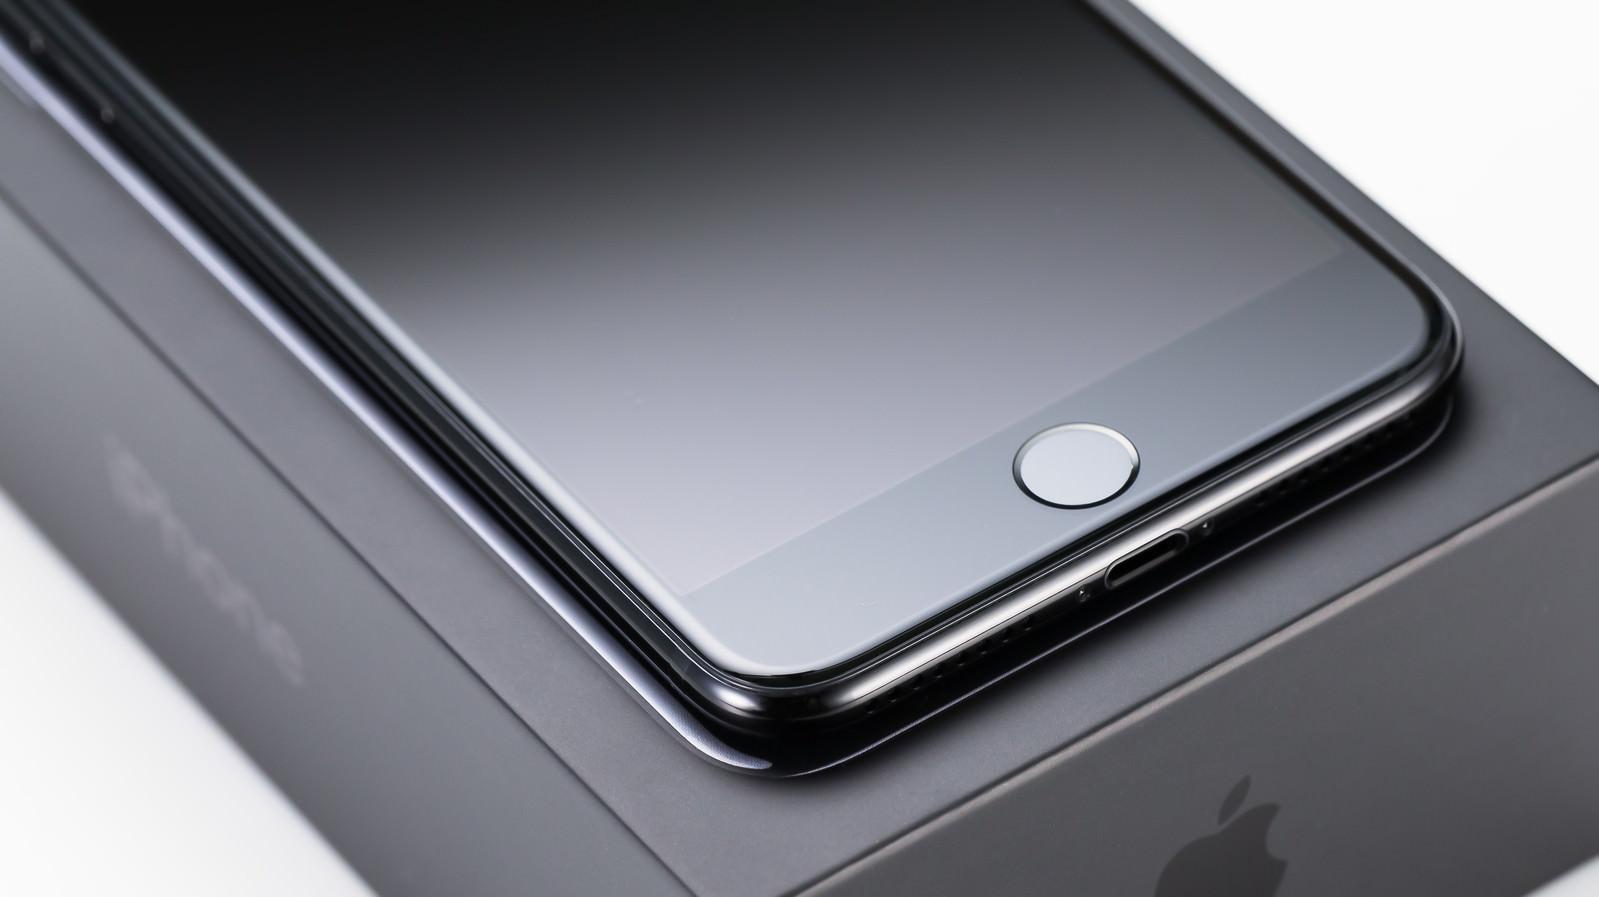 「箱から取り出したばかりのスマートフォンとホームボタン箱から取り出したばかりのスマートフォンとホームボタン」のフリー写真素材を拡大